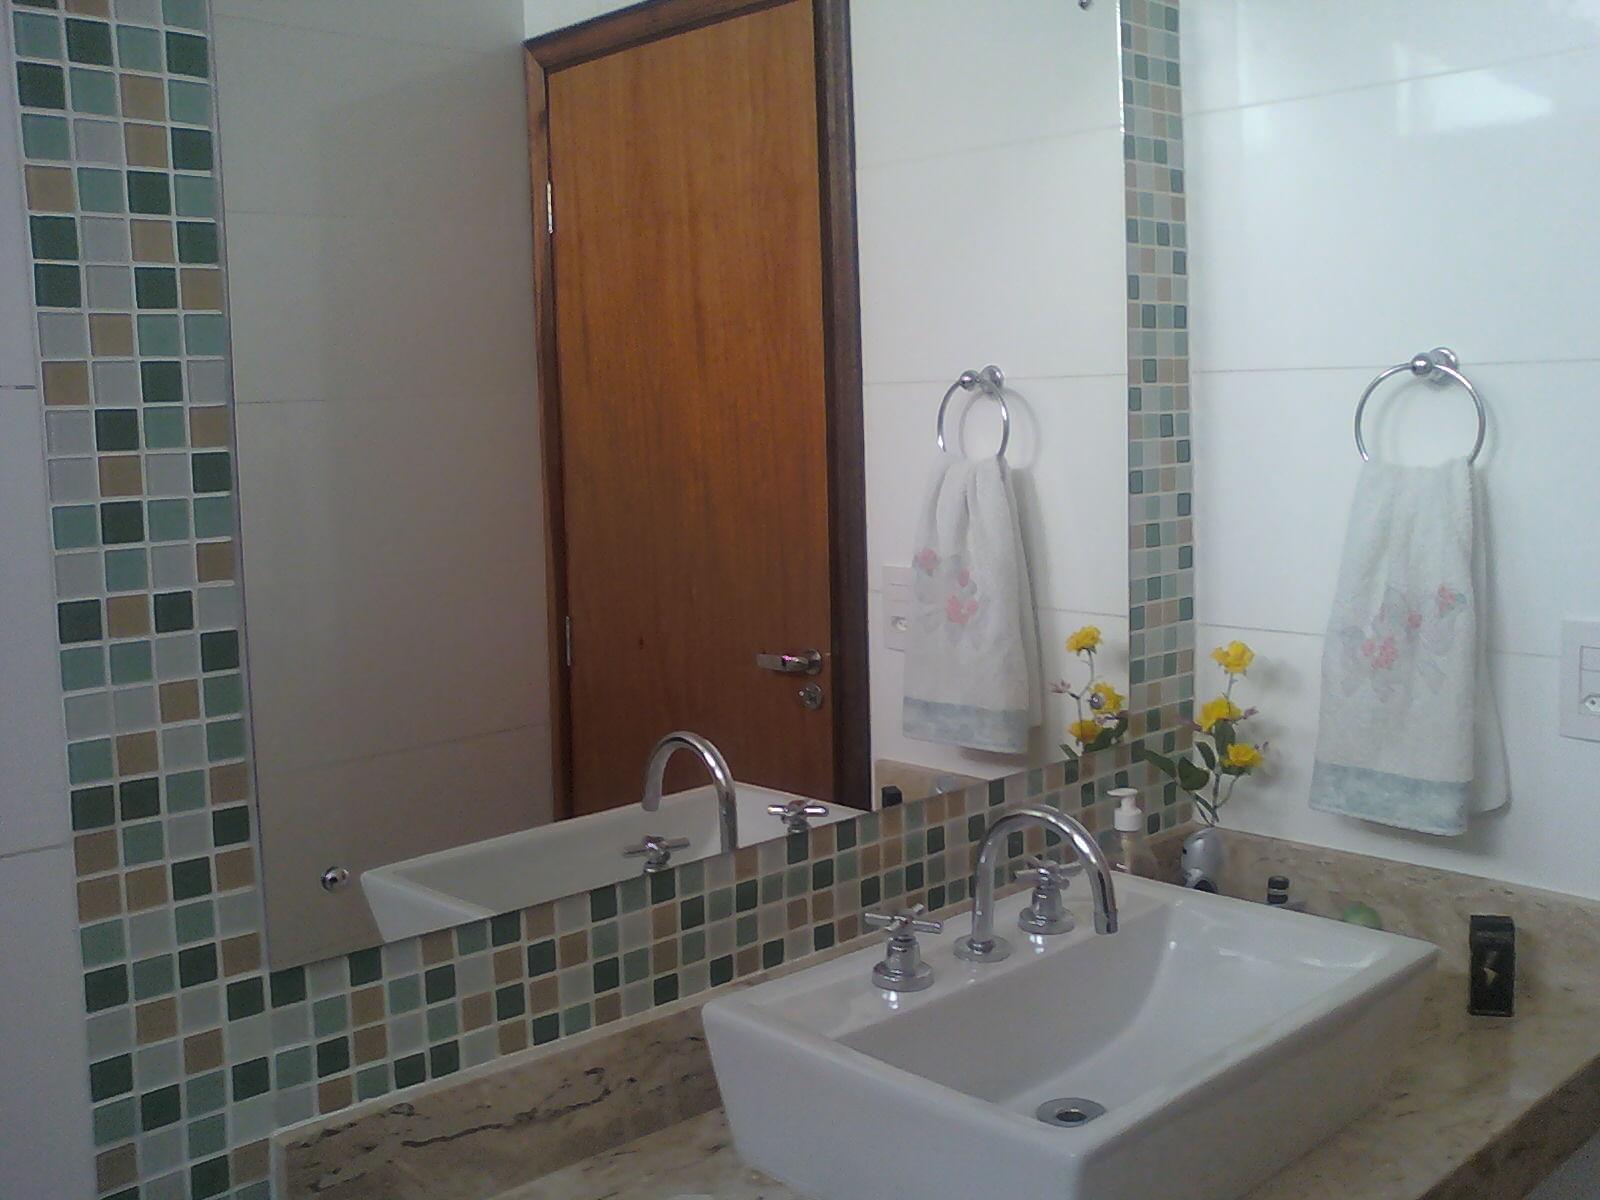 Imagens de #674936 Donna Mariquinha : Pastilhas no Banheiro: eu quero! 1600x1200 px 2776 Box Banheiro Nh